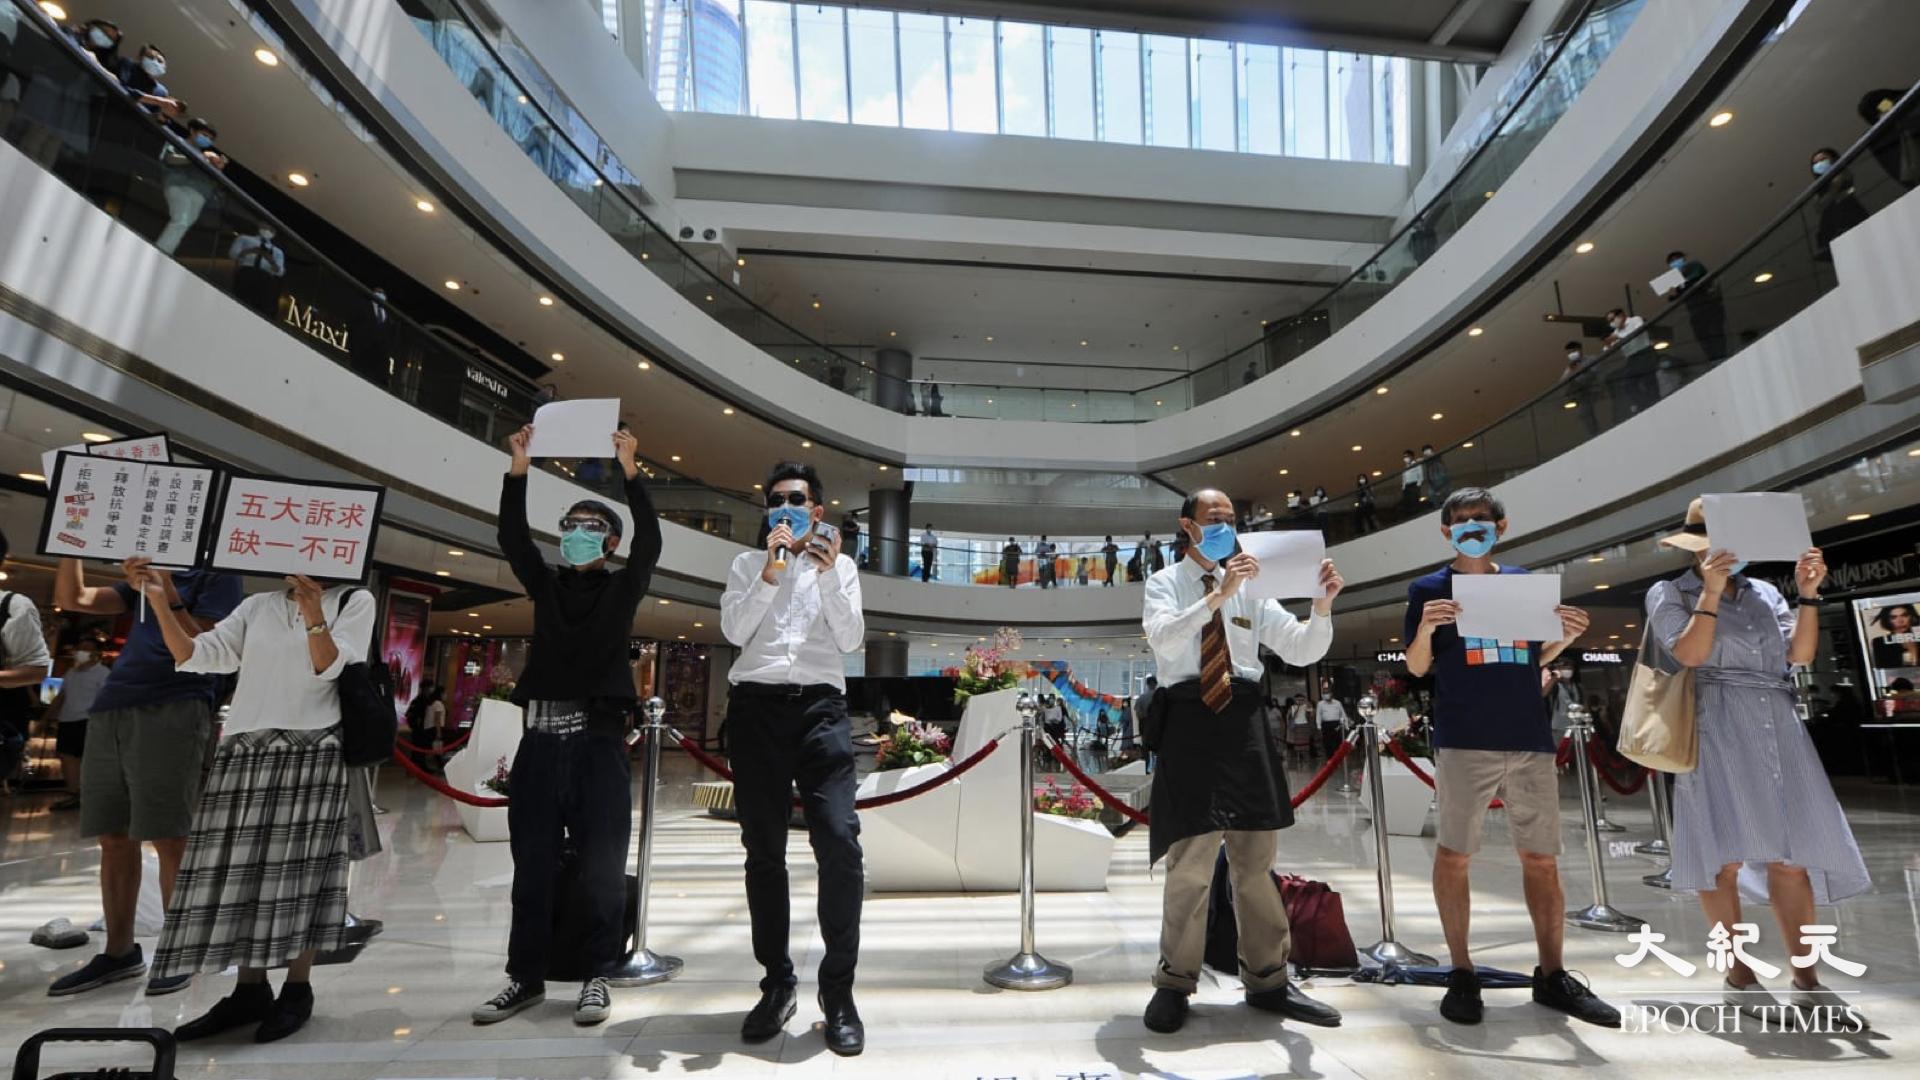 今日(7月6日),數十位抗爭者來到IFC(國際金融中心)進行「國安法」後的首次「和你Lunch」。智慧的香港人這次則用數字、用無字天書、用異體字等另類方式表達訴求,仍然可唱《願榮光歸香港》,而抗爭的訴求仍然圍繞「五大訴求,缺一不可」,另類方式並無損他們爭取民主自由的決心。(宋碧龍 / 大紀元)